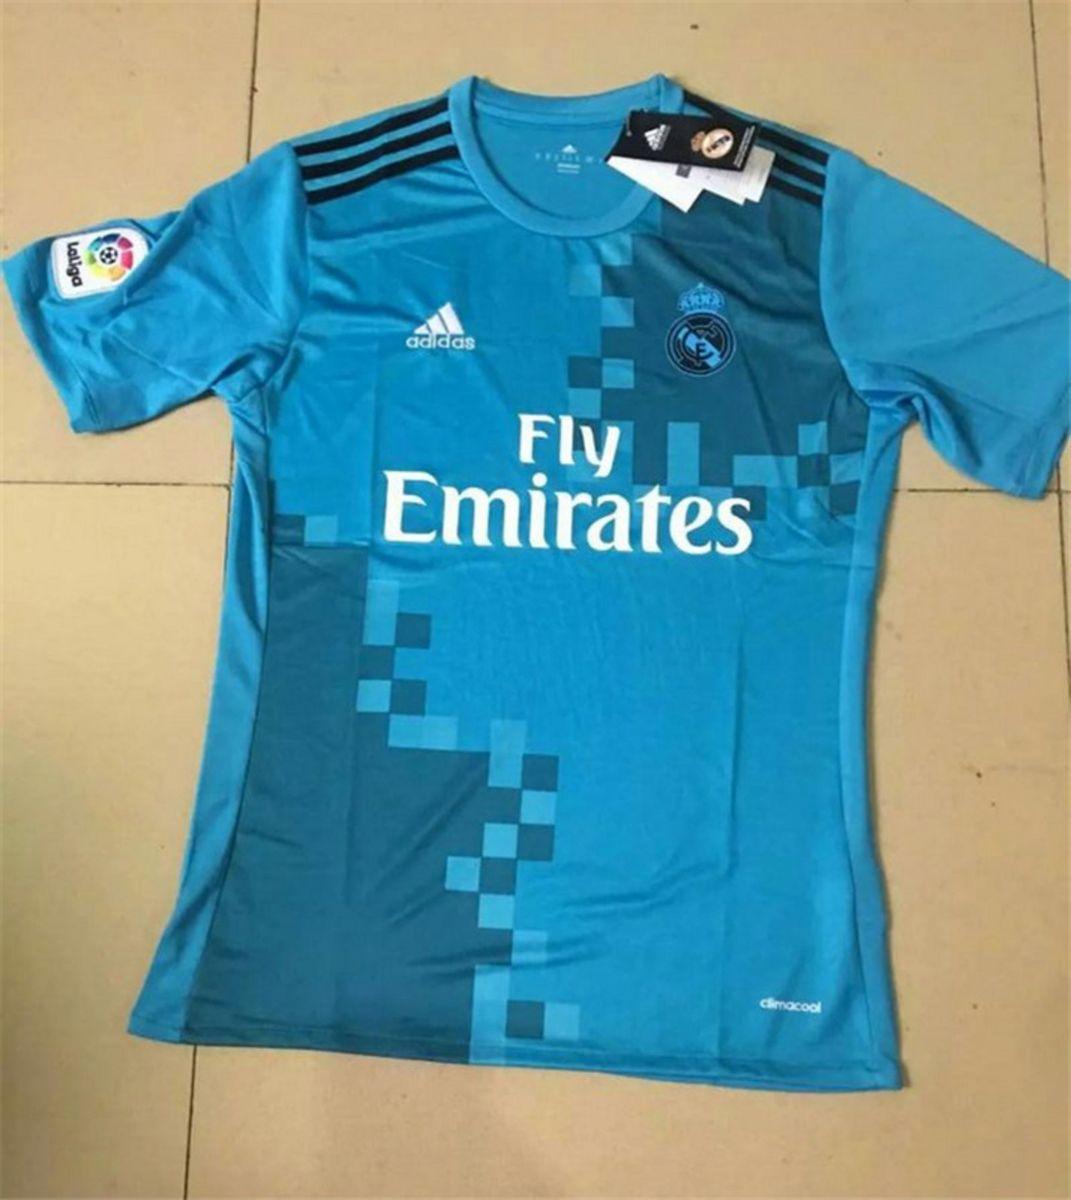 camisa real madrid madrid 17 18 away - camisas adidas ee783299a2c37